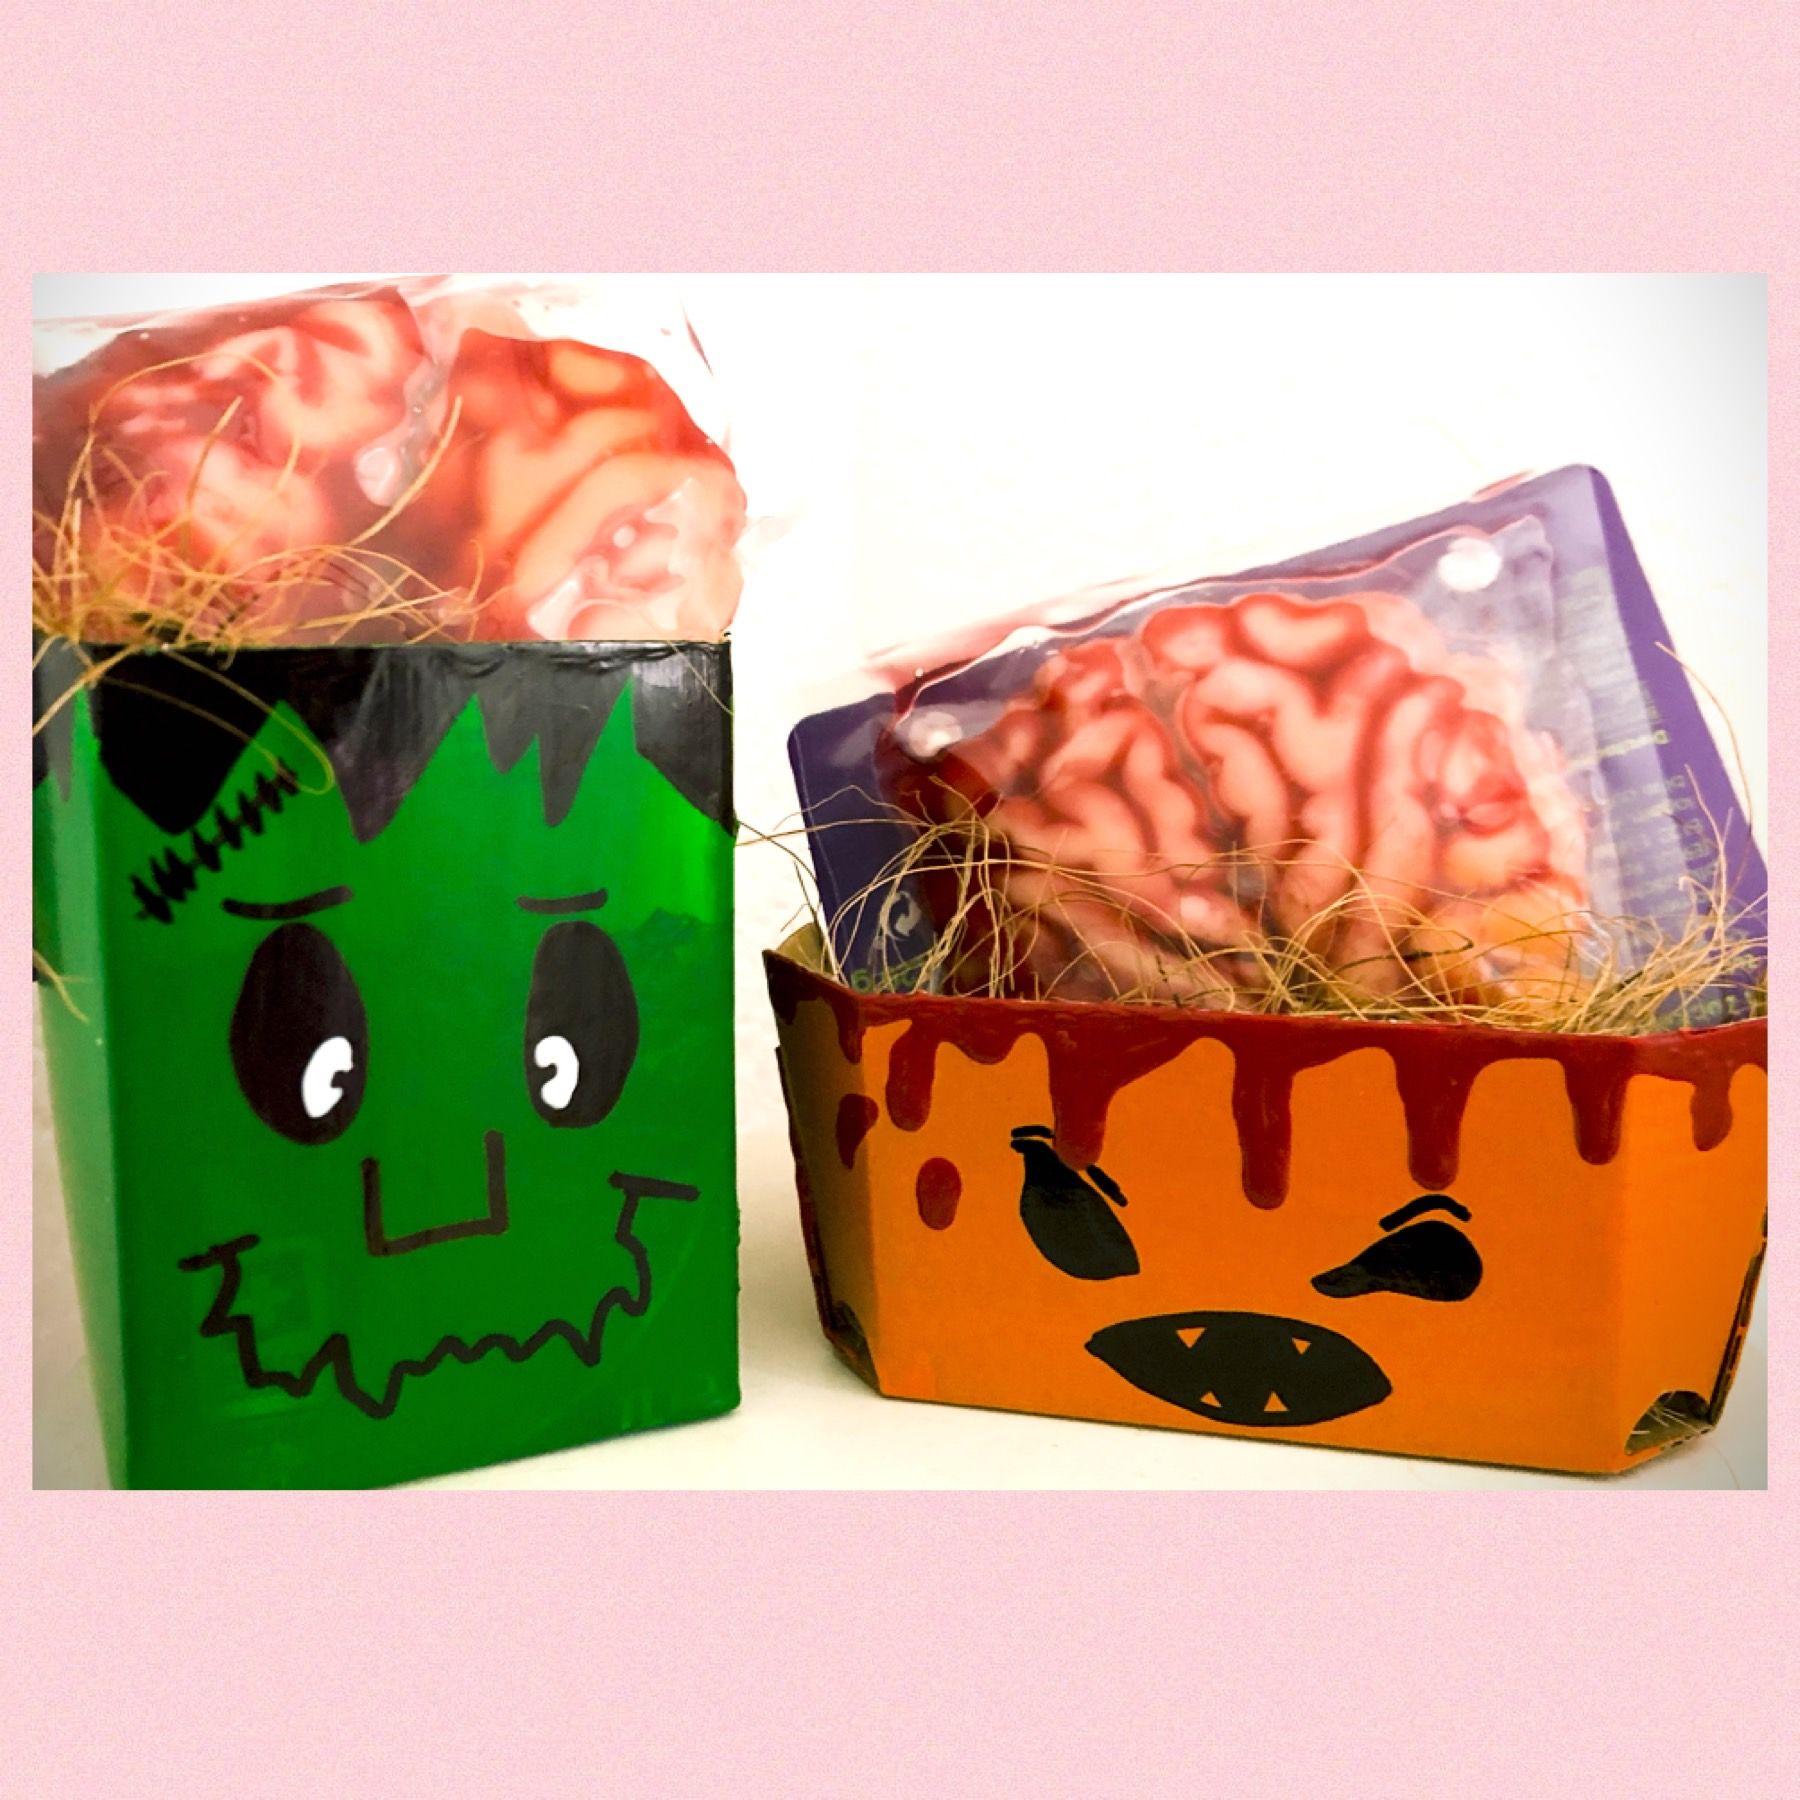 Geschenke Mit Hirn Uprecycling Milchtute Und Tomatenbox